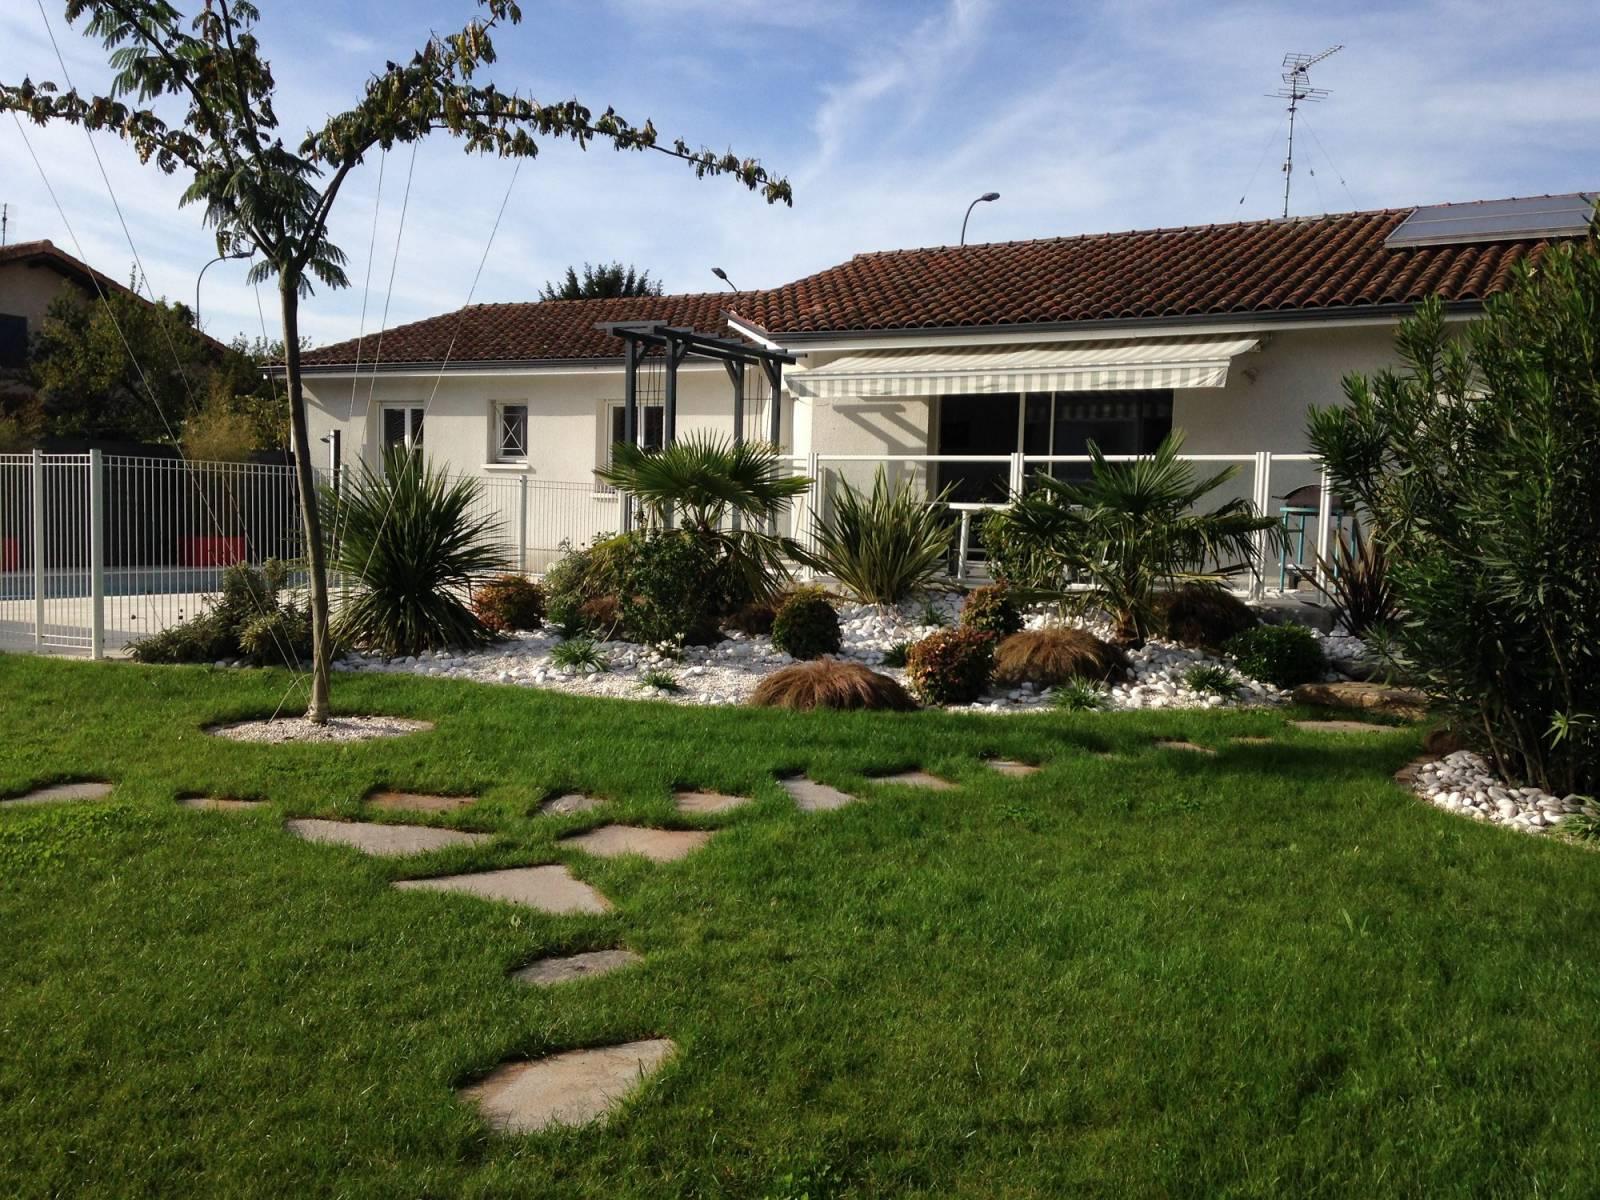 Conception et r alisation d 39 un jardin m diterran en par un for Realisation paysagiste jardin